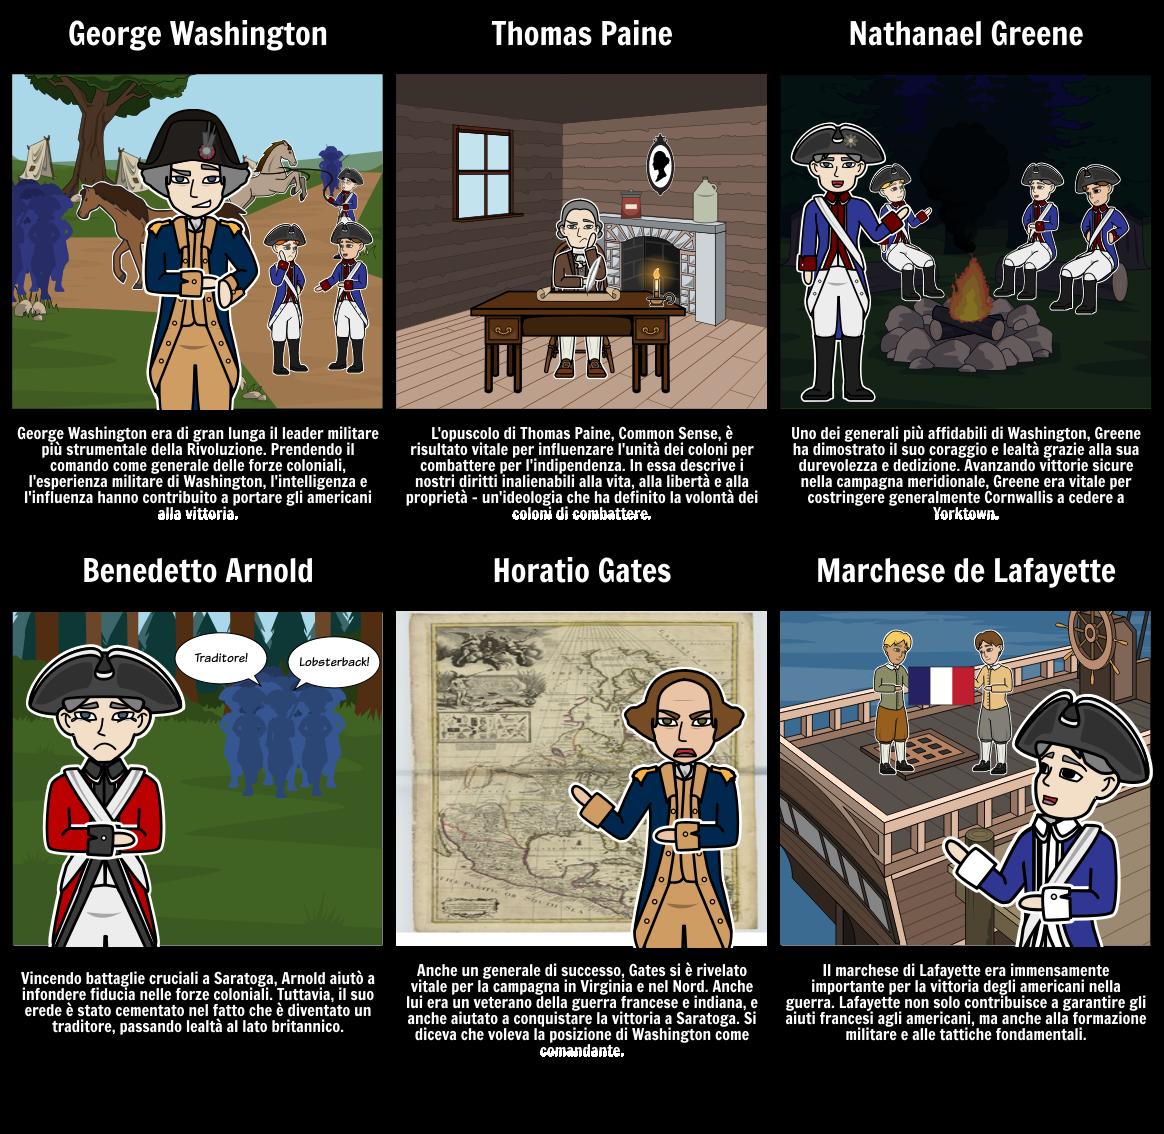 Alla Francese Posizione importanti le persone della rivoluzione americana